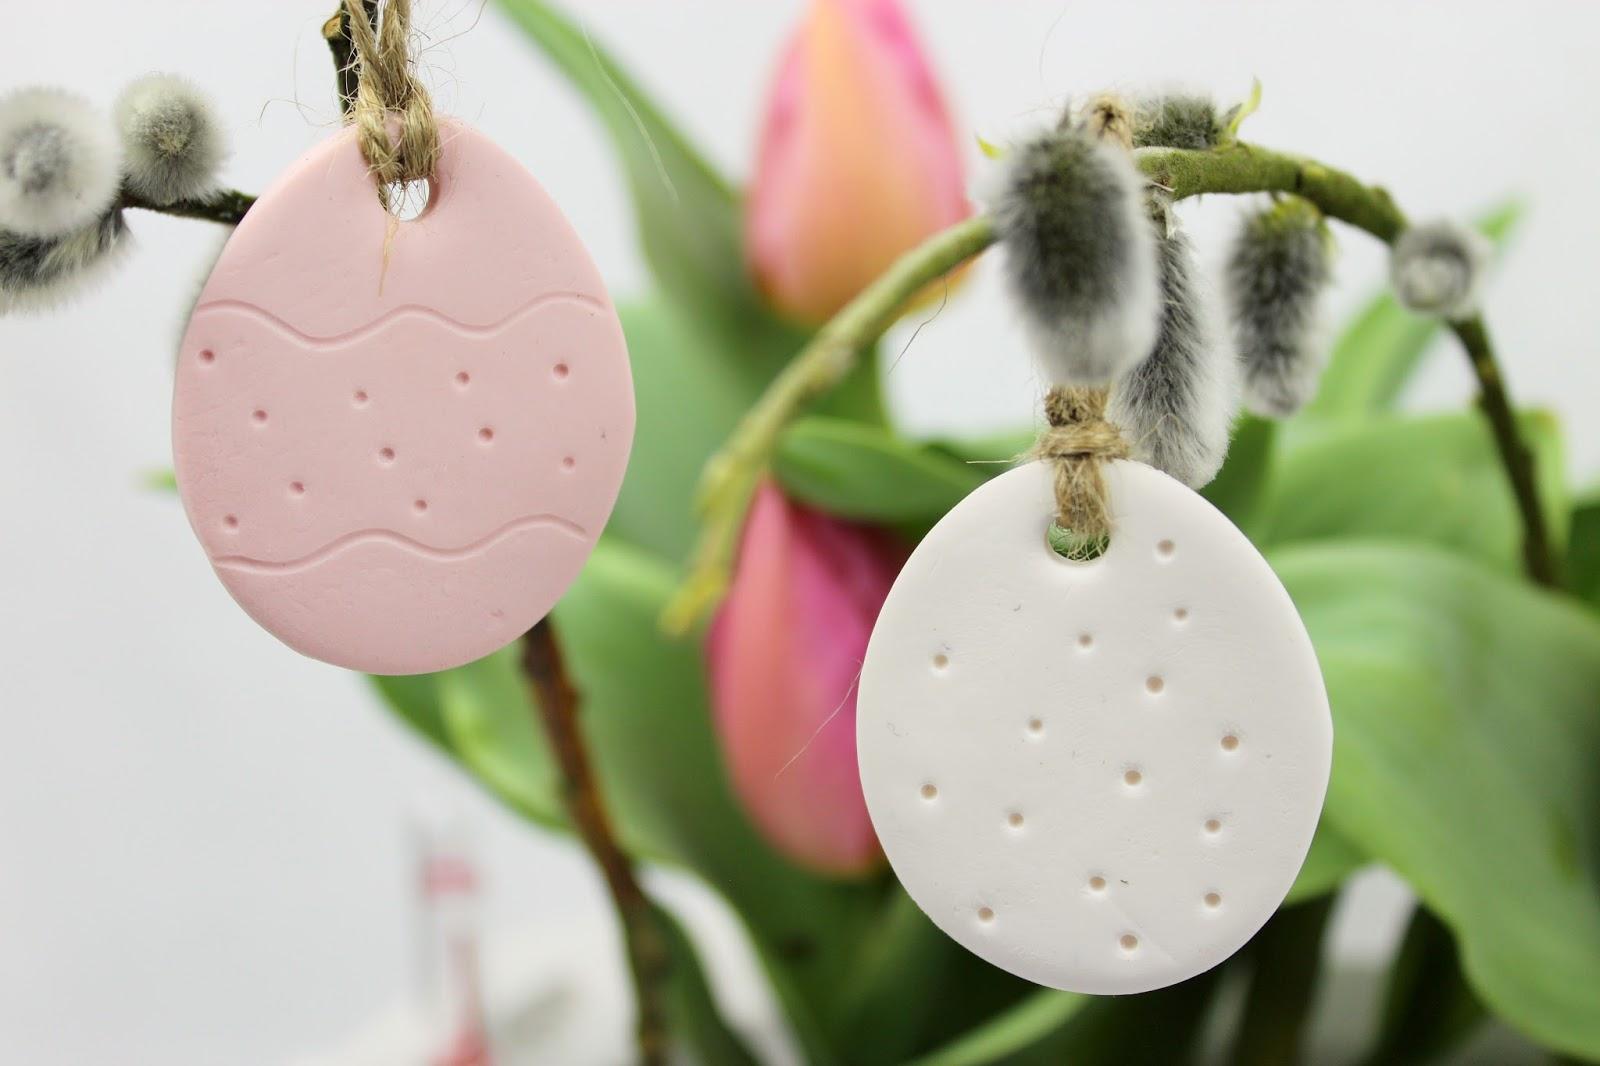 DIY Ostergesteck mit kleinen Osteranhängern aus Fimo selber machen - die perfekte Osterdekoration mit Lechuza